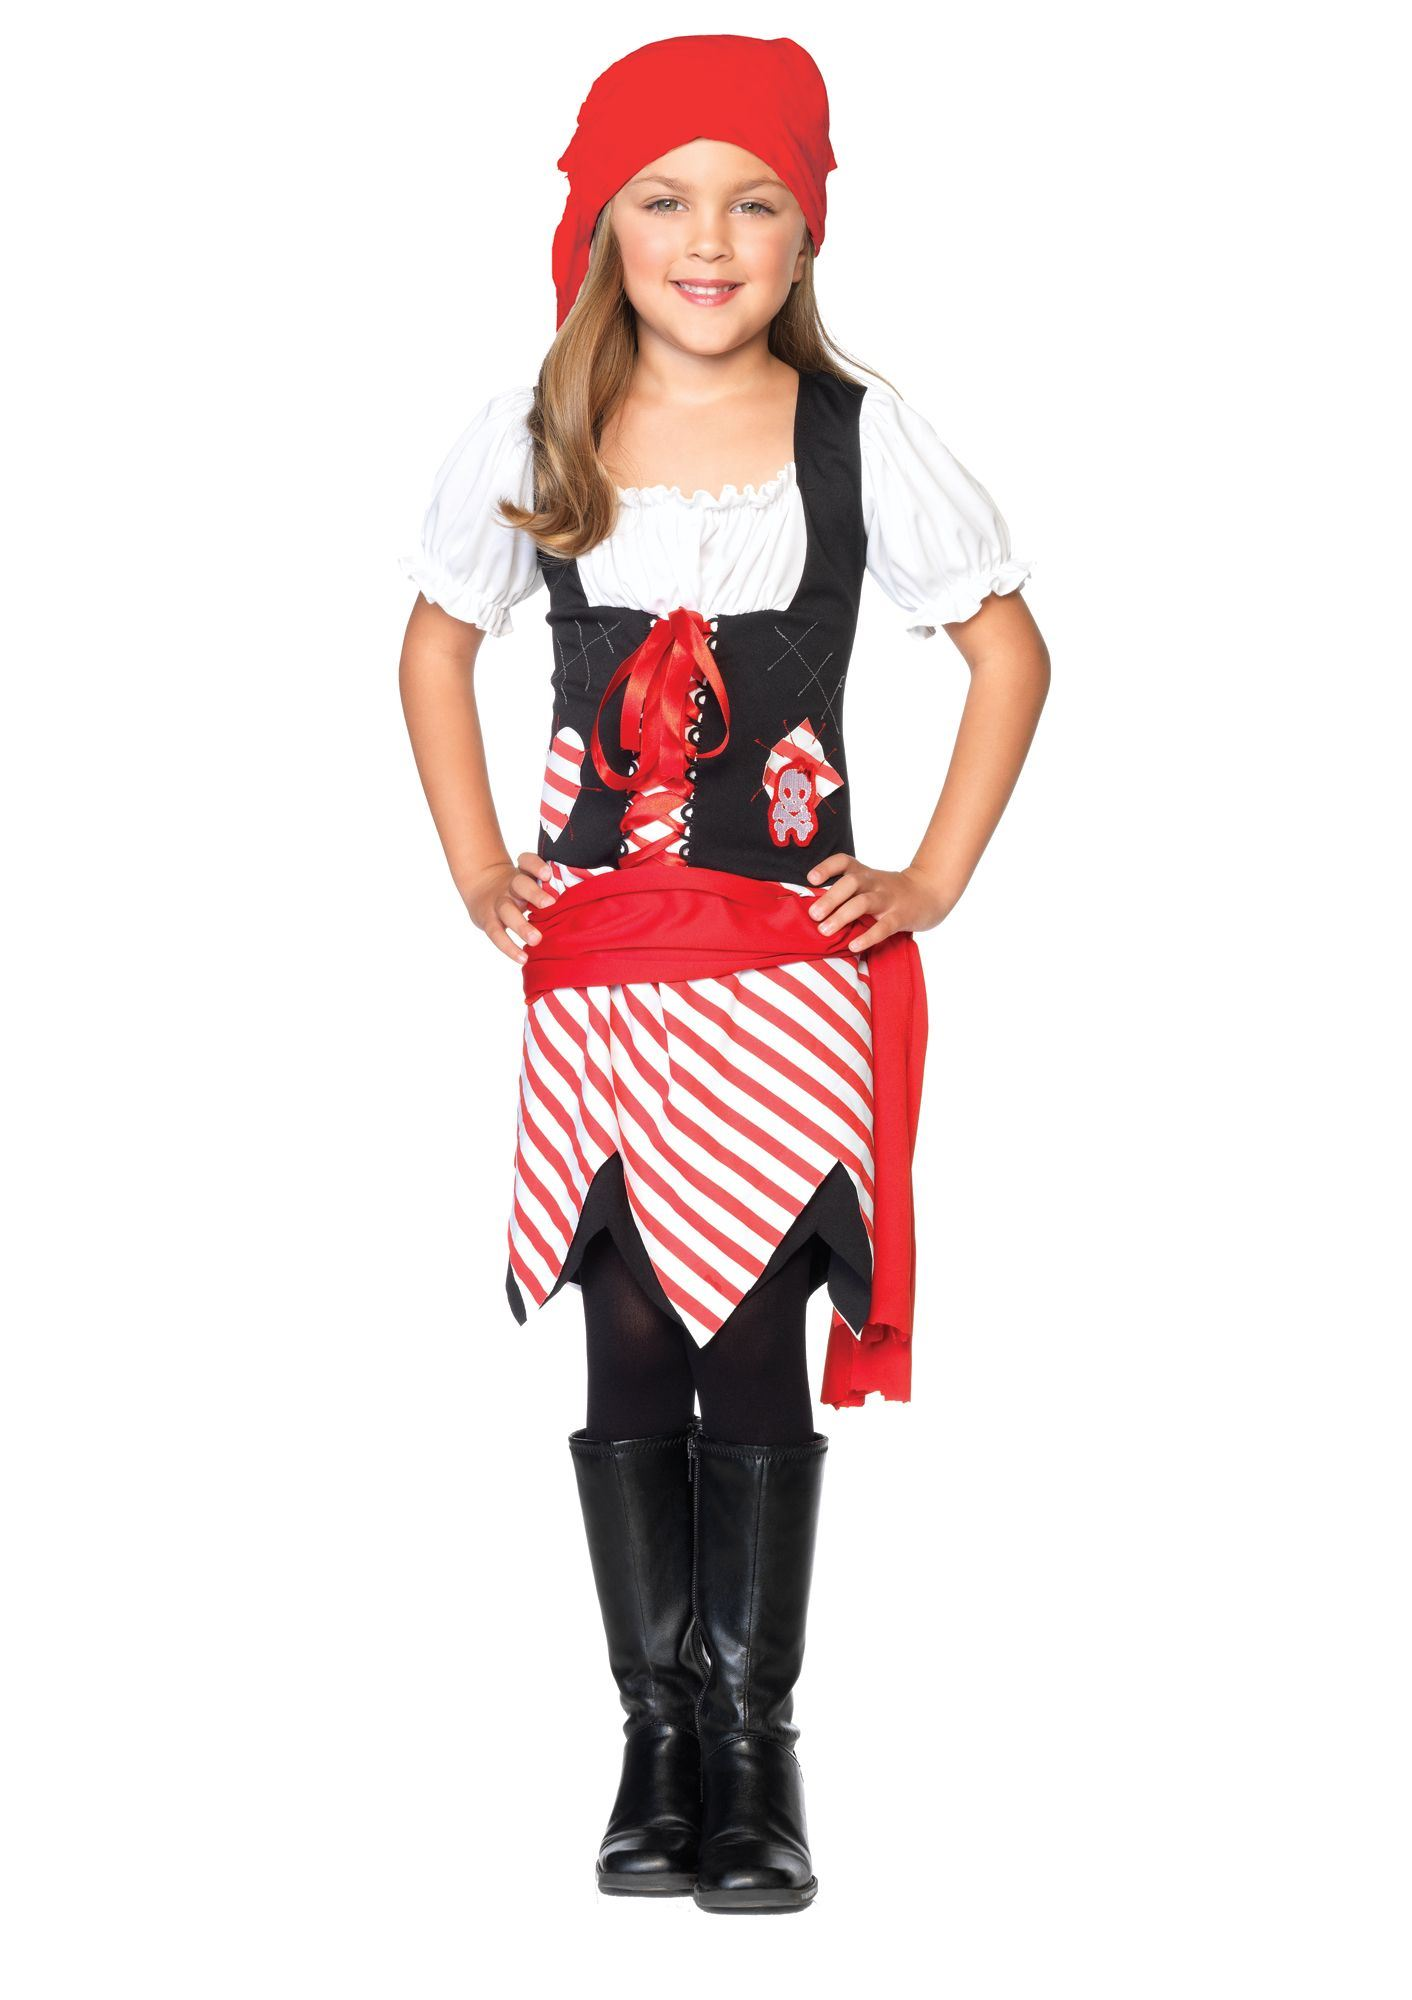 Как сделать пиратский костюм своими руками